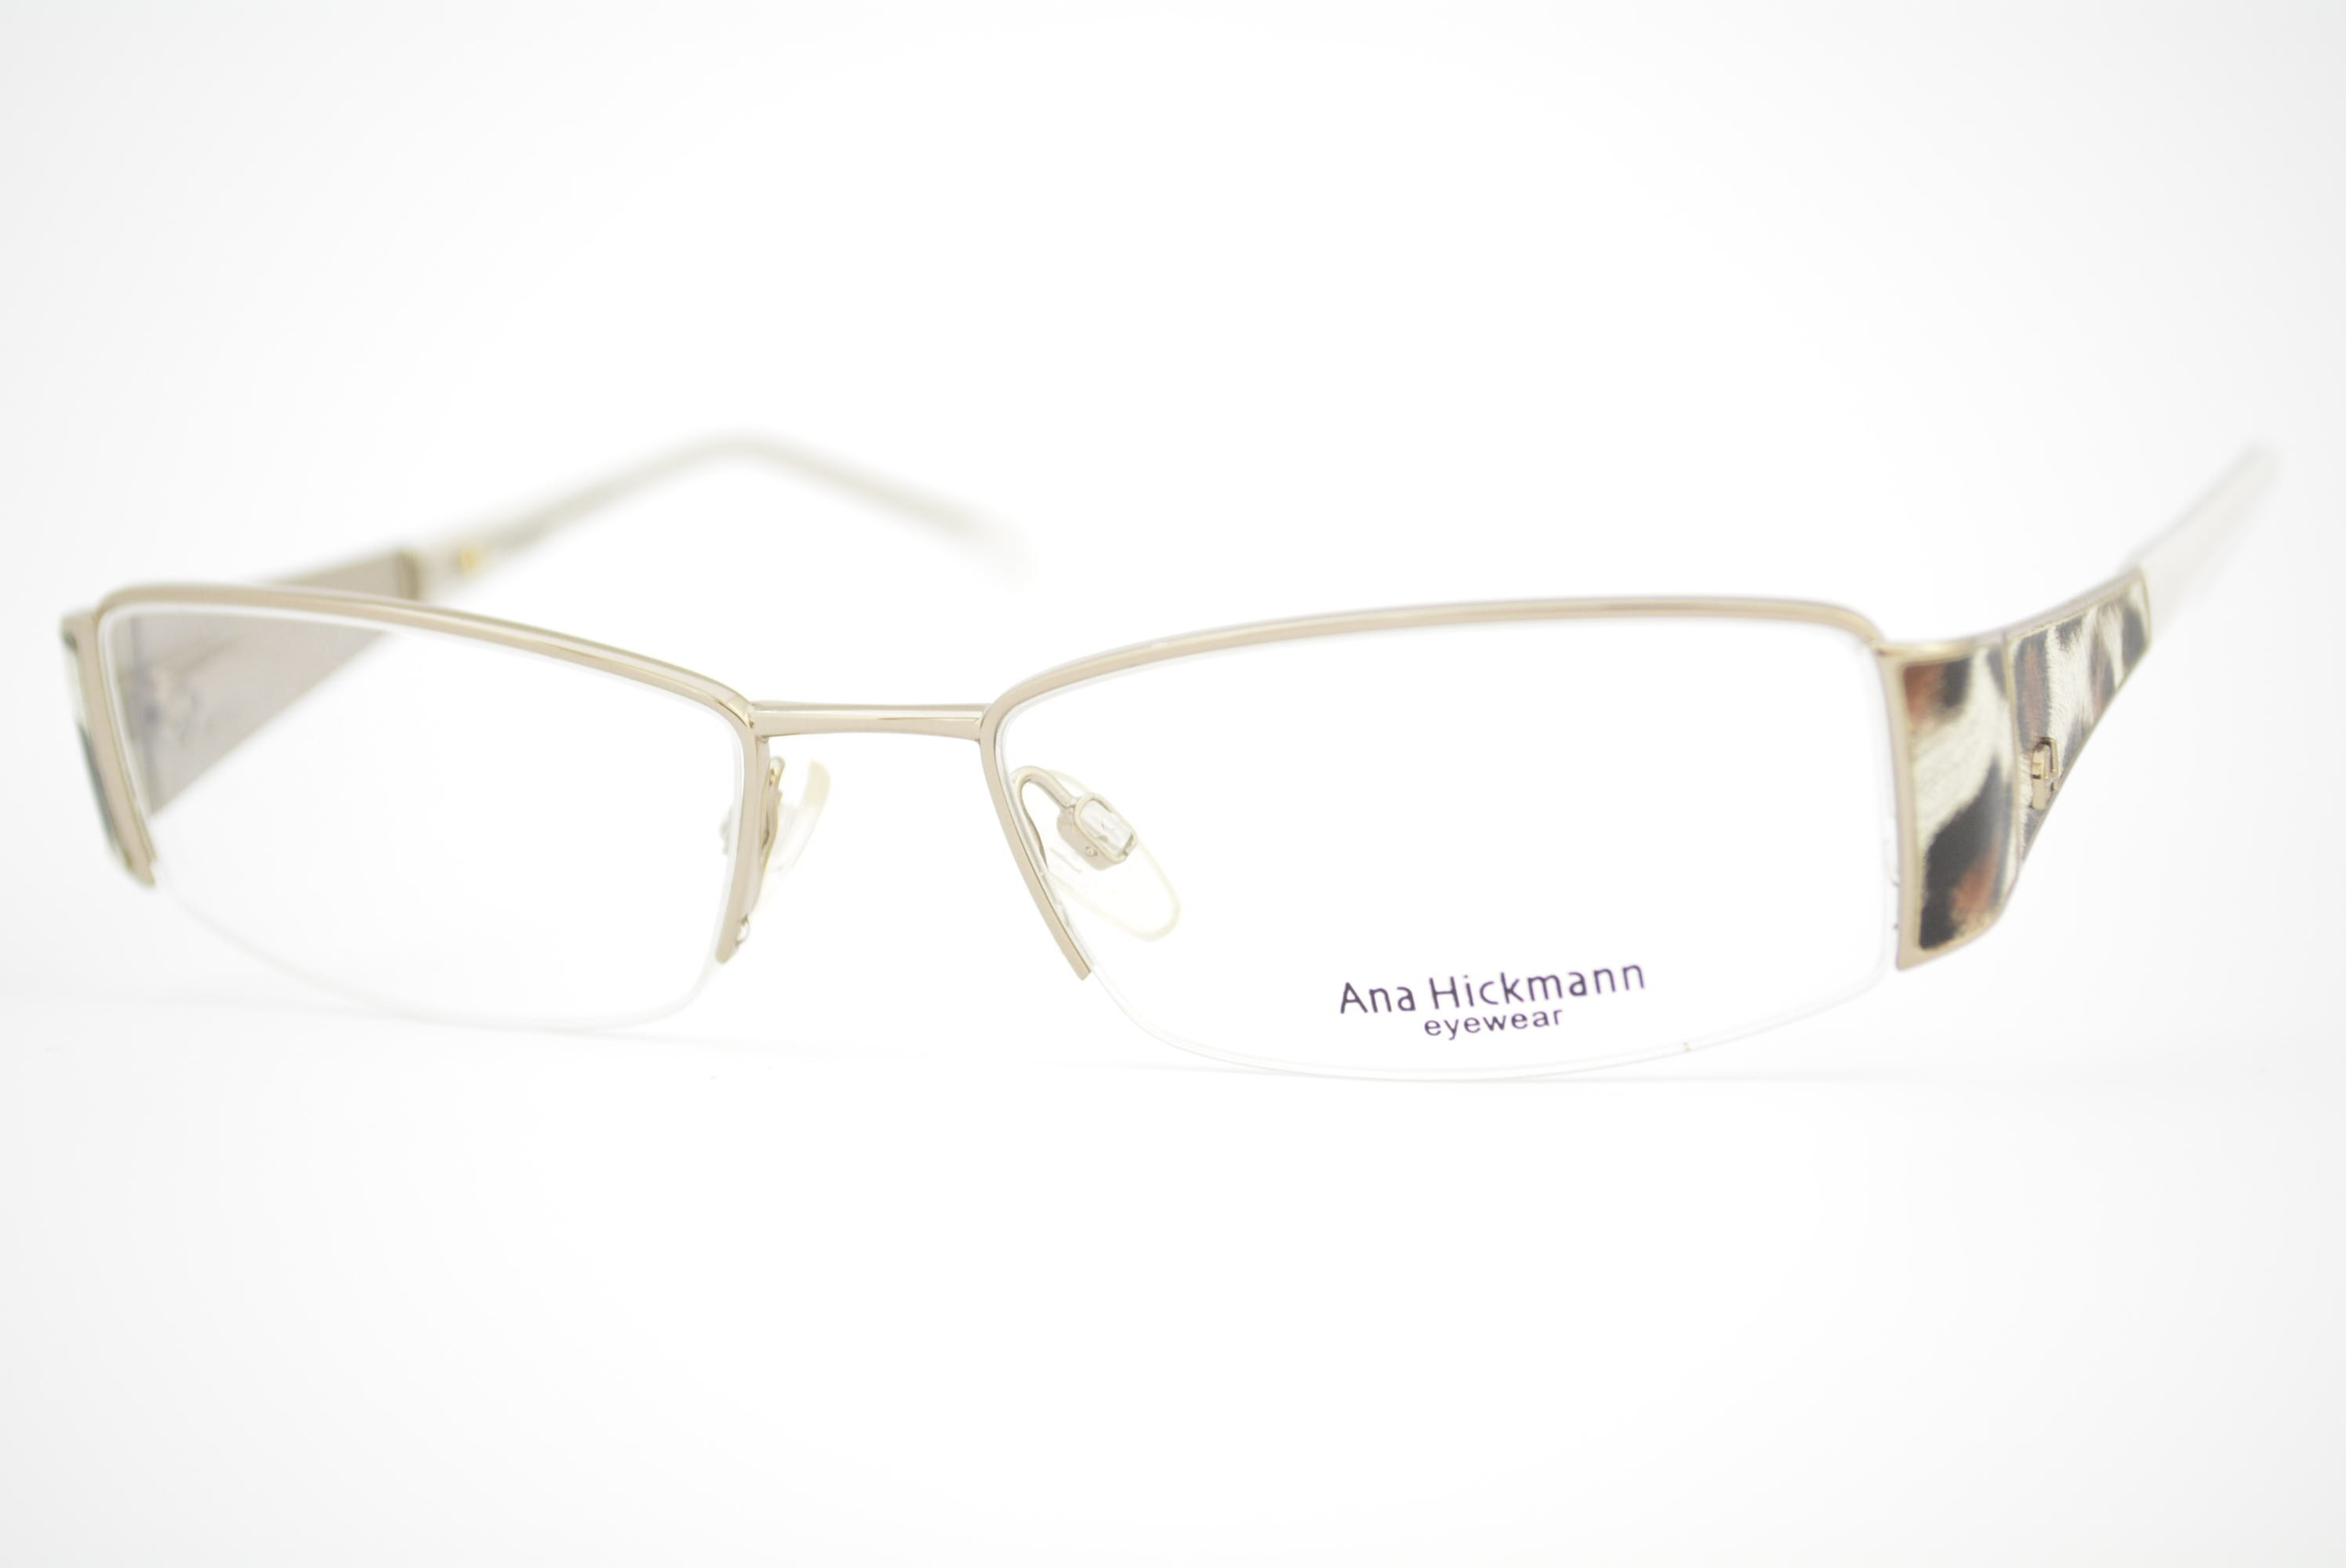 11479d73e armação de óculos Ana Hickmann mod ah1168 08a Ótica Cardoso